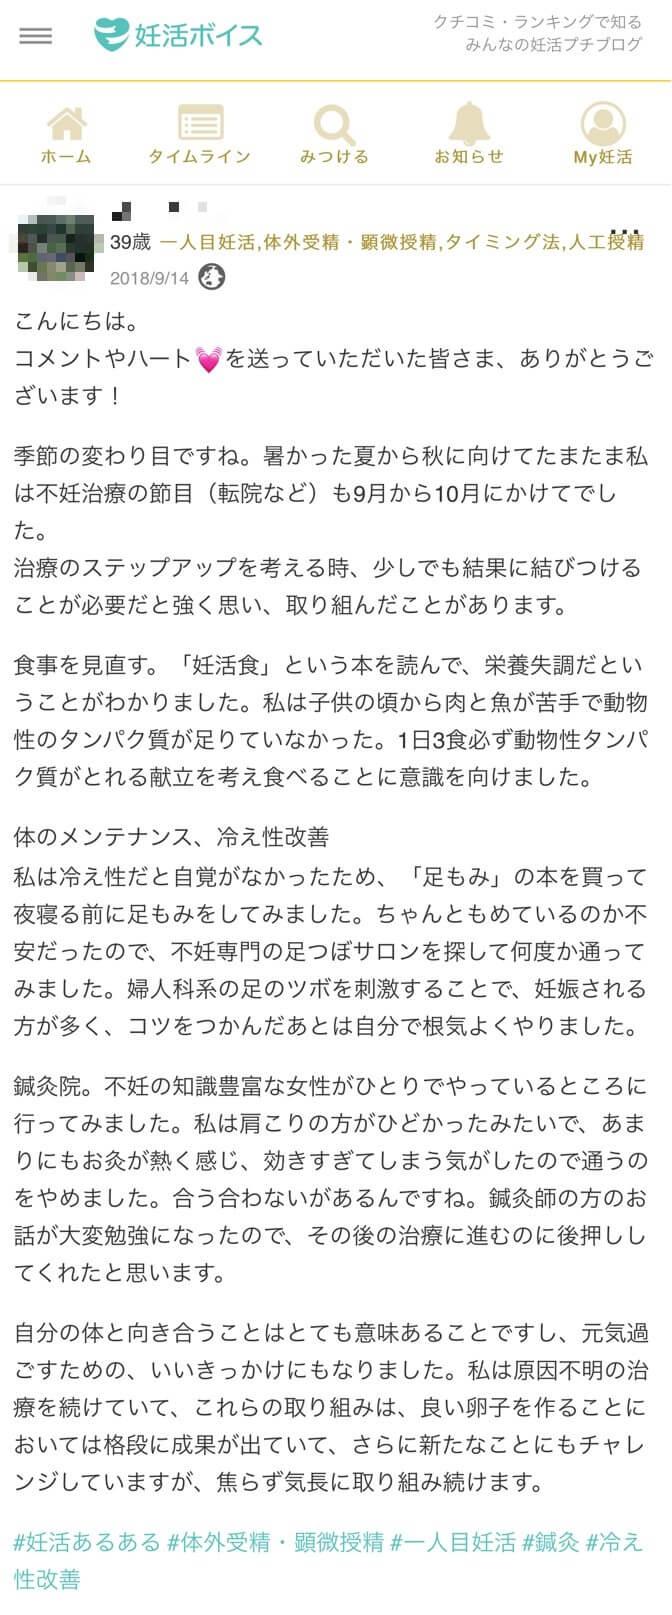 Yさん(39歳・1人目妊活・タイミング法・人工授精・体外受精・顕微授精)